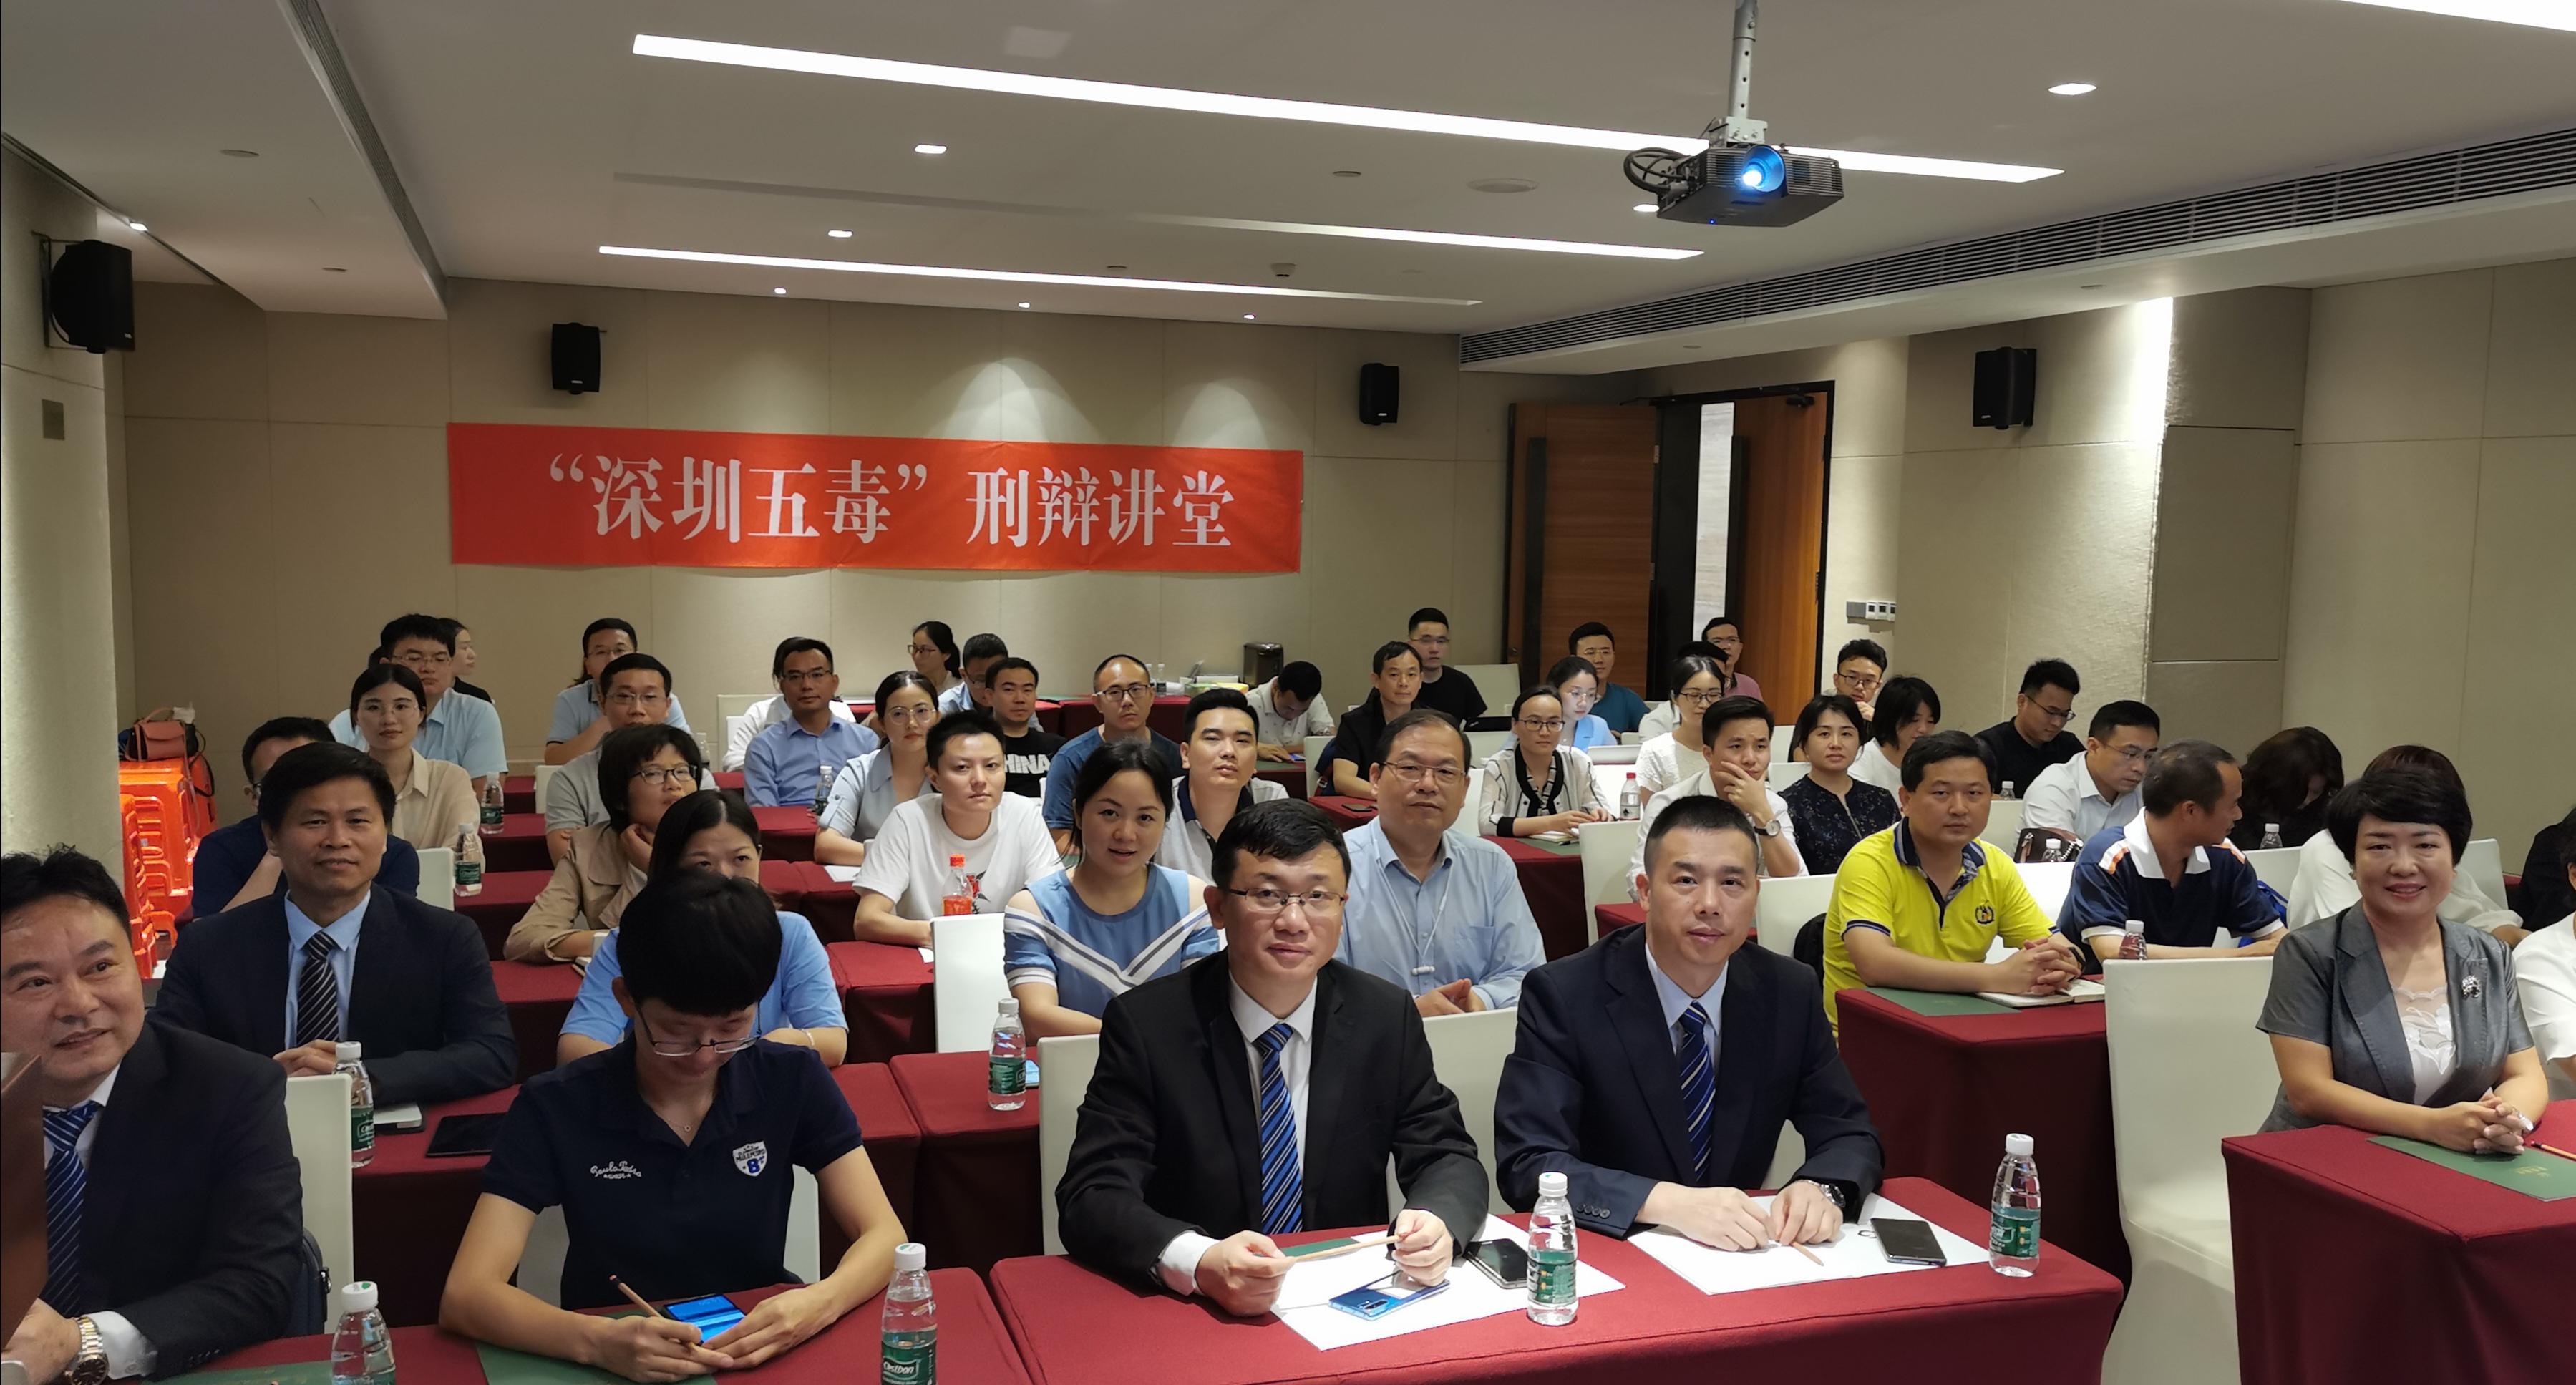 應龍崗區律工委邀請分享交流